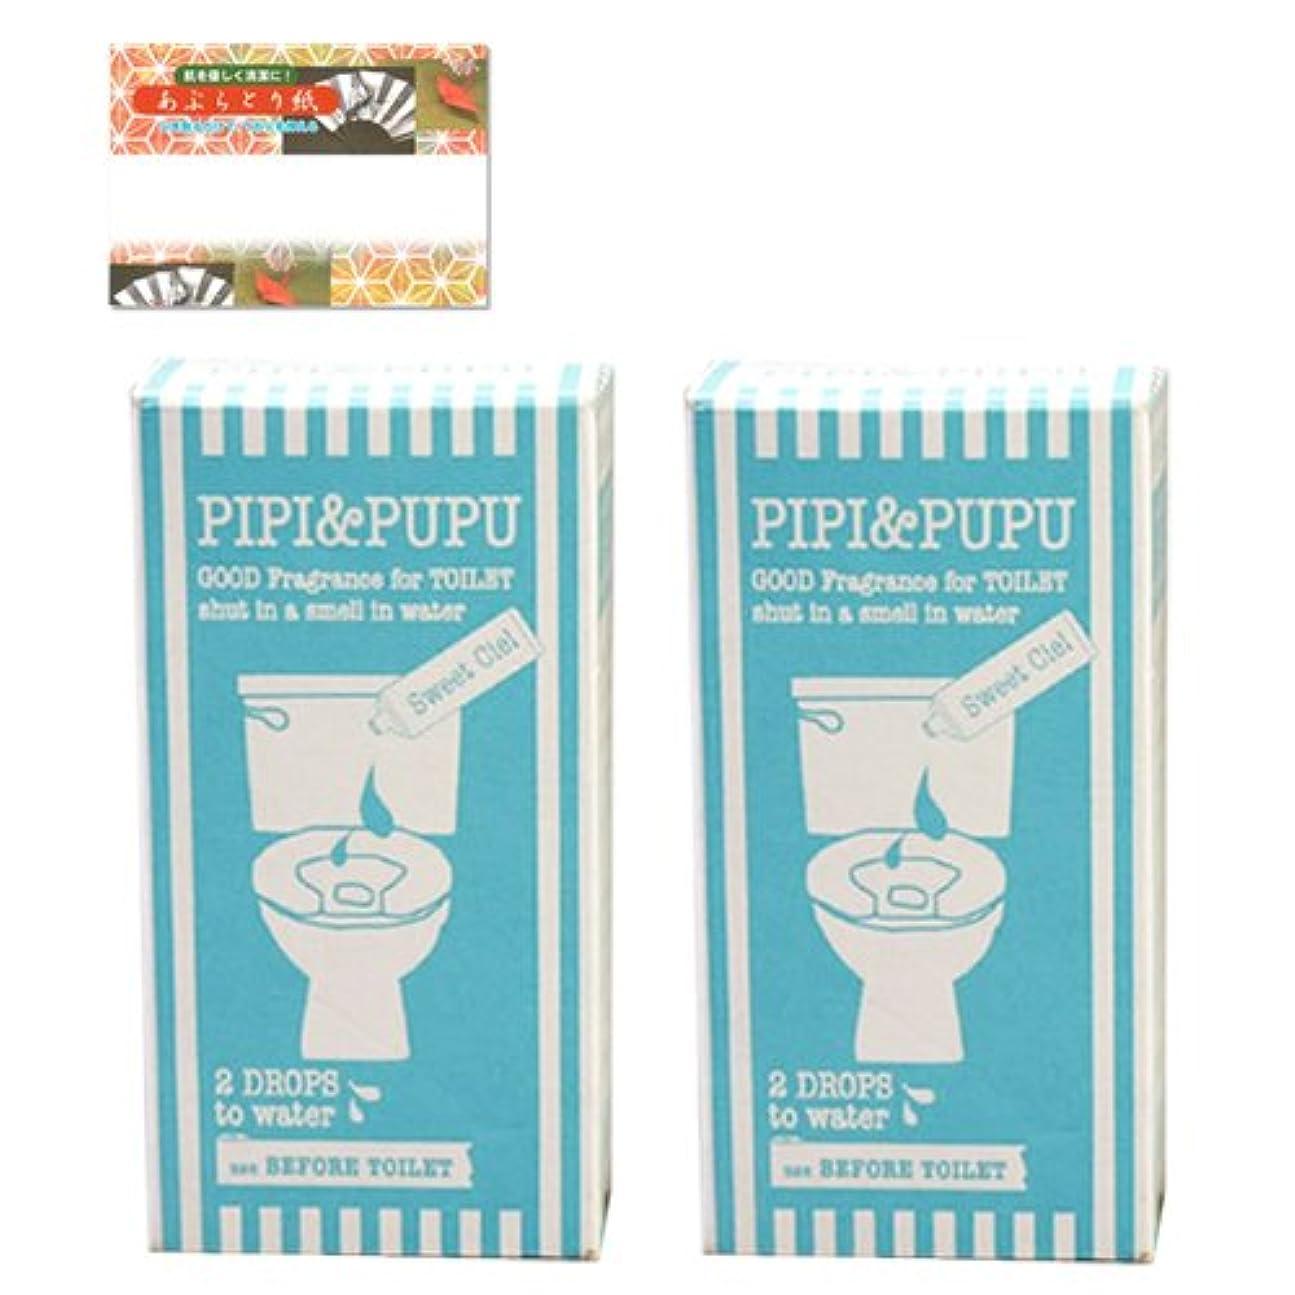 快適モスクママトイレ用携帯消臭剤 ピピ&ププ (PIPI&PUPU) 15ml × 2個 + 高級あぶらとり紙セット